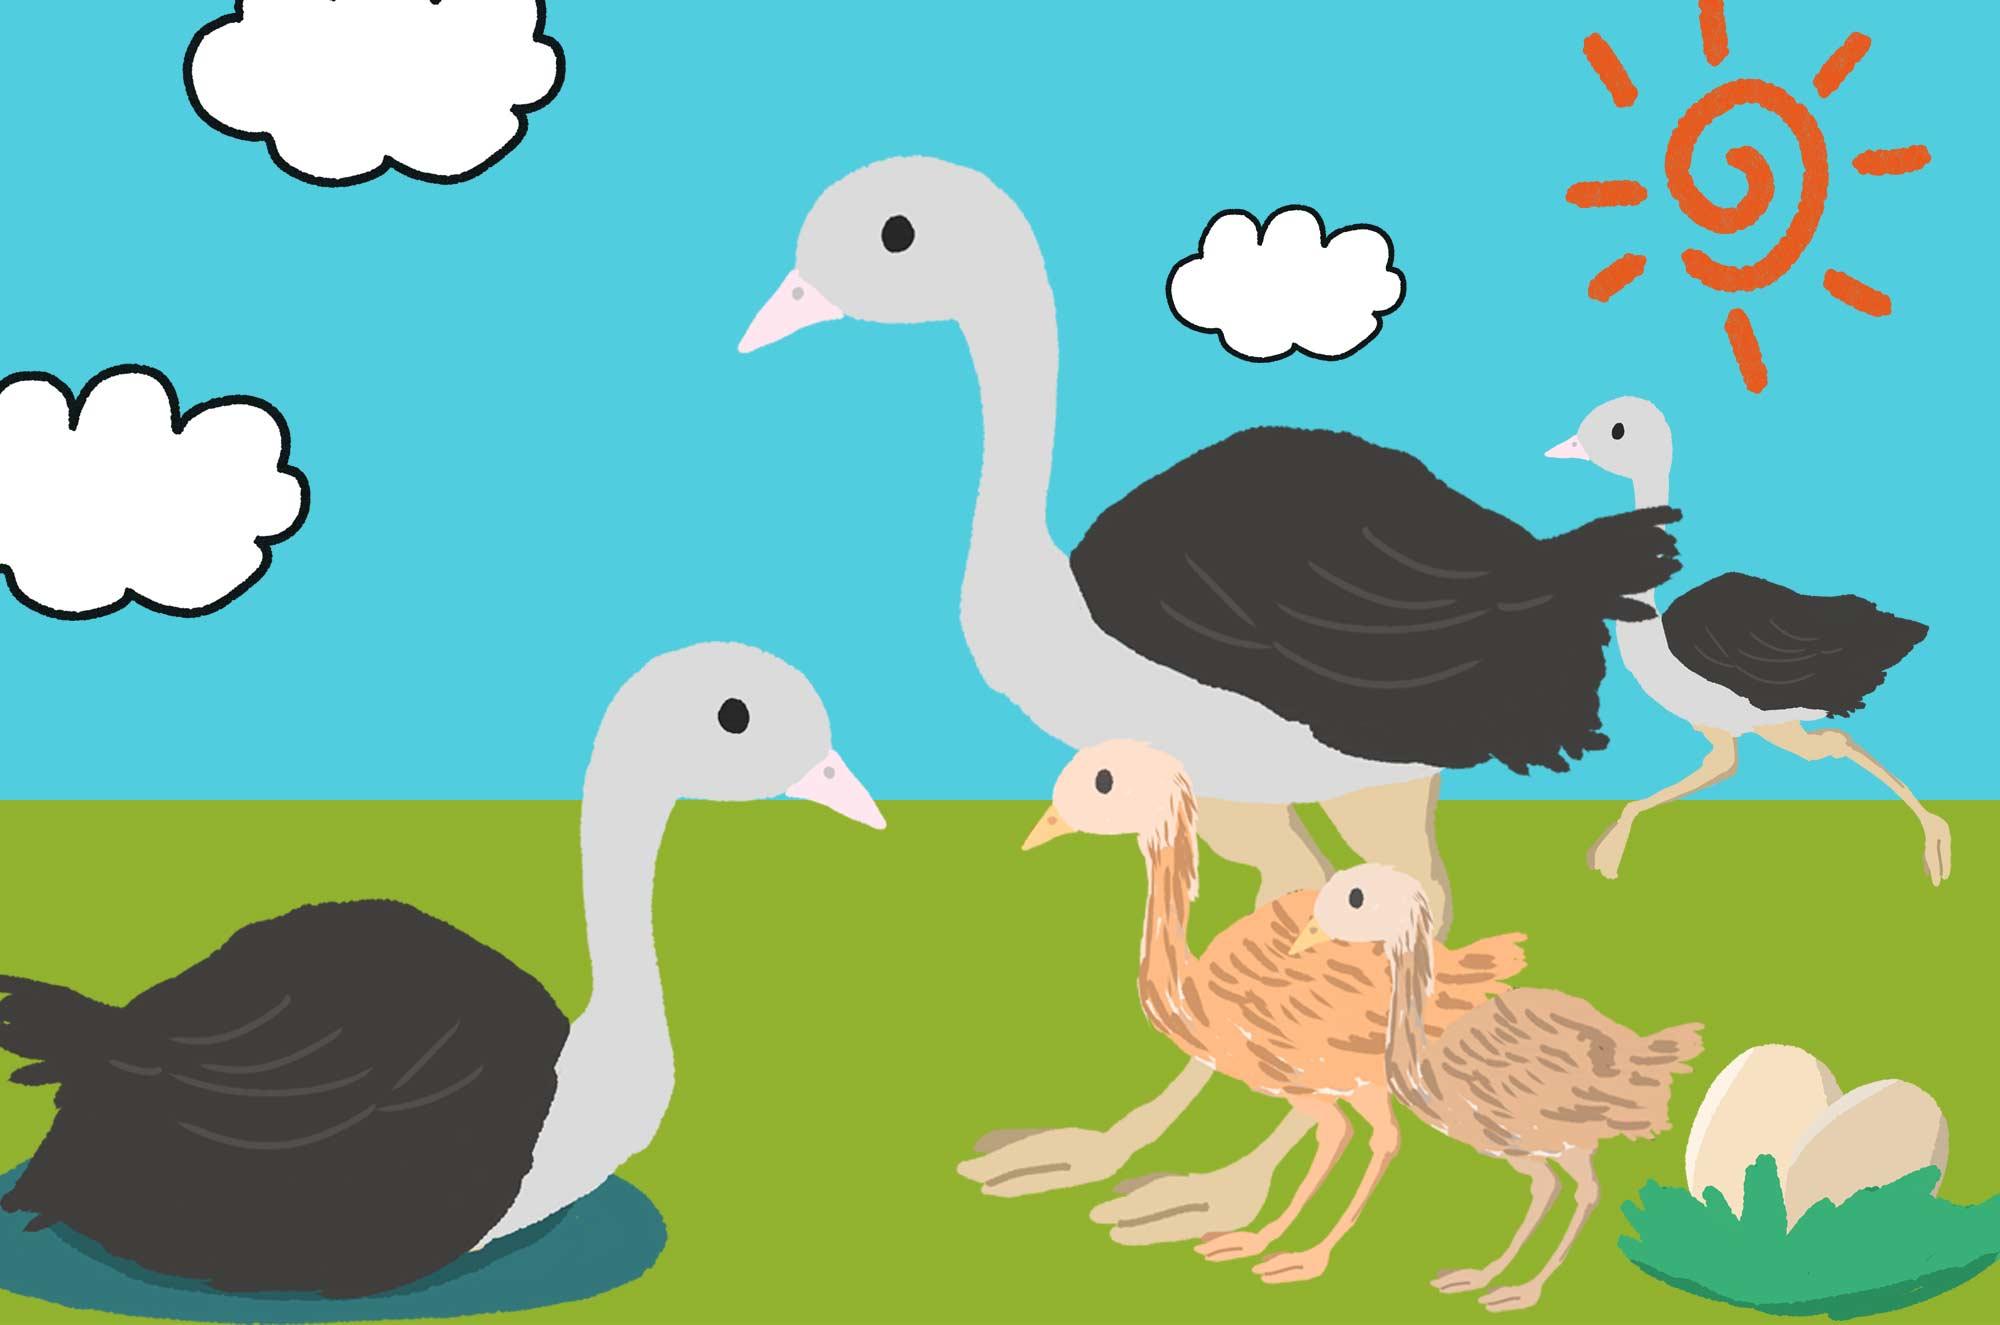 ダチョウのイラスト - 可愛い雛と卵の鳥の無料素材